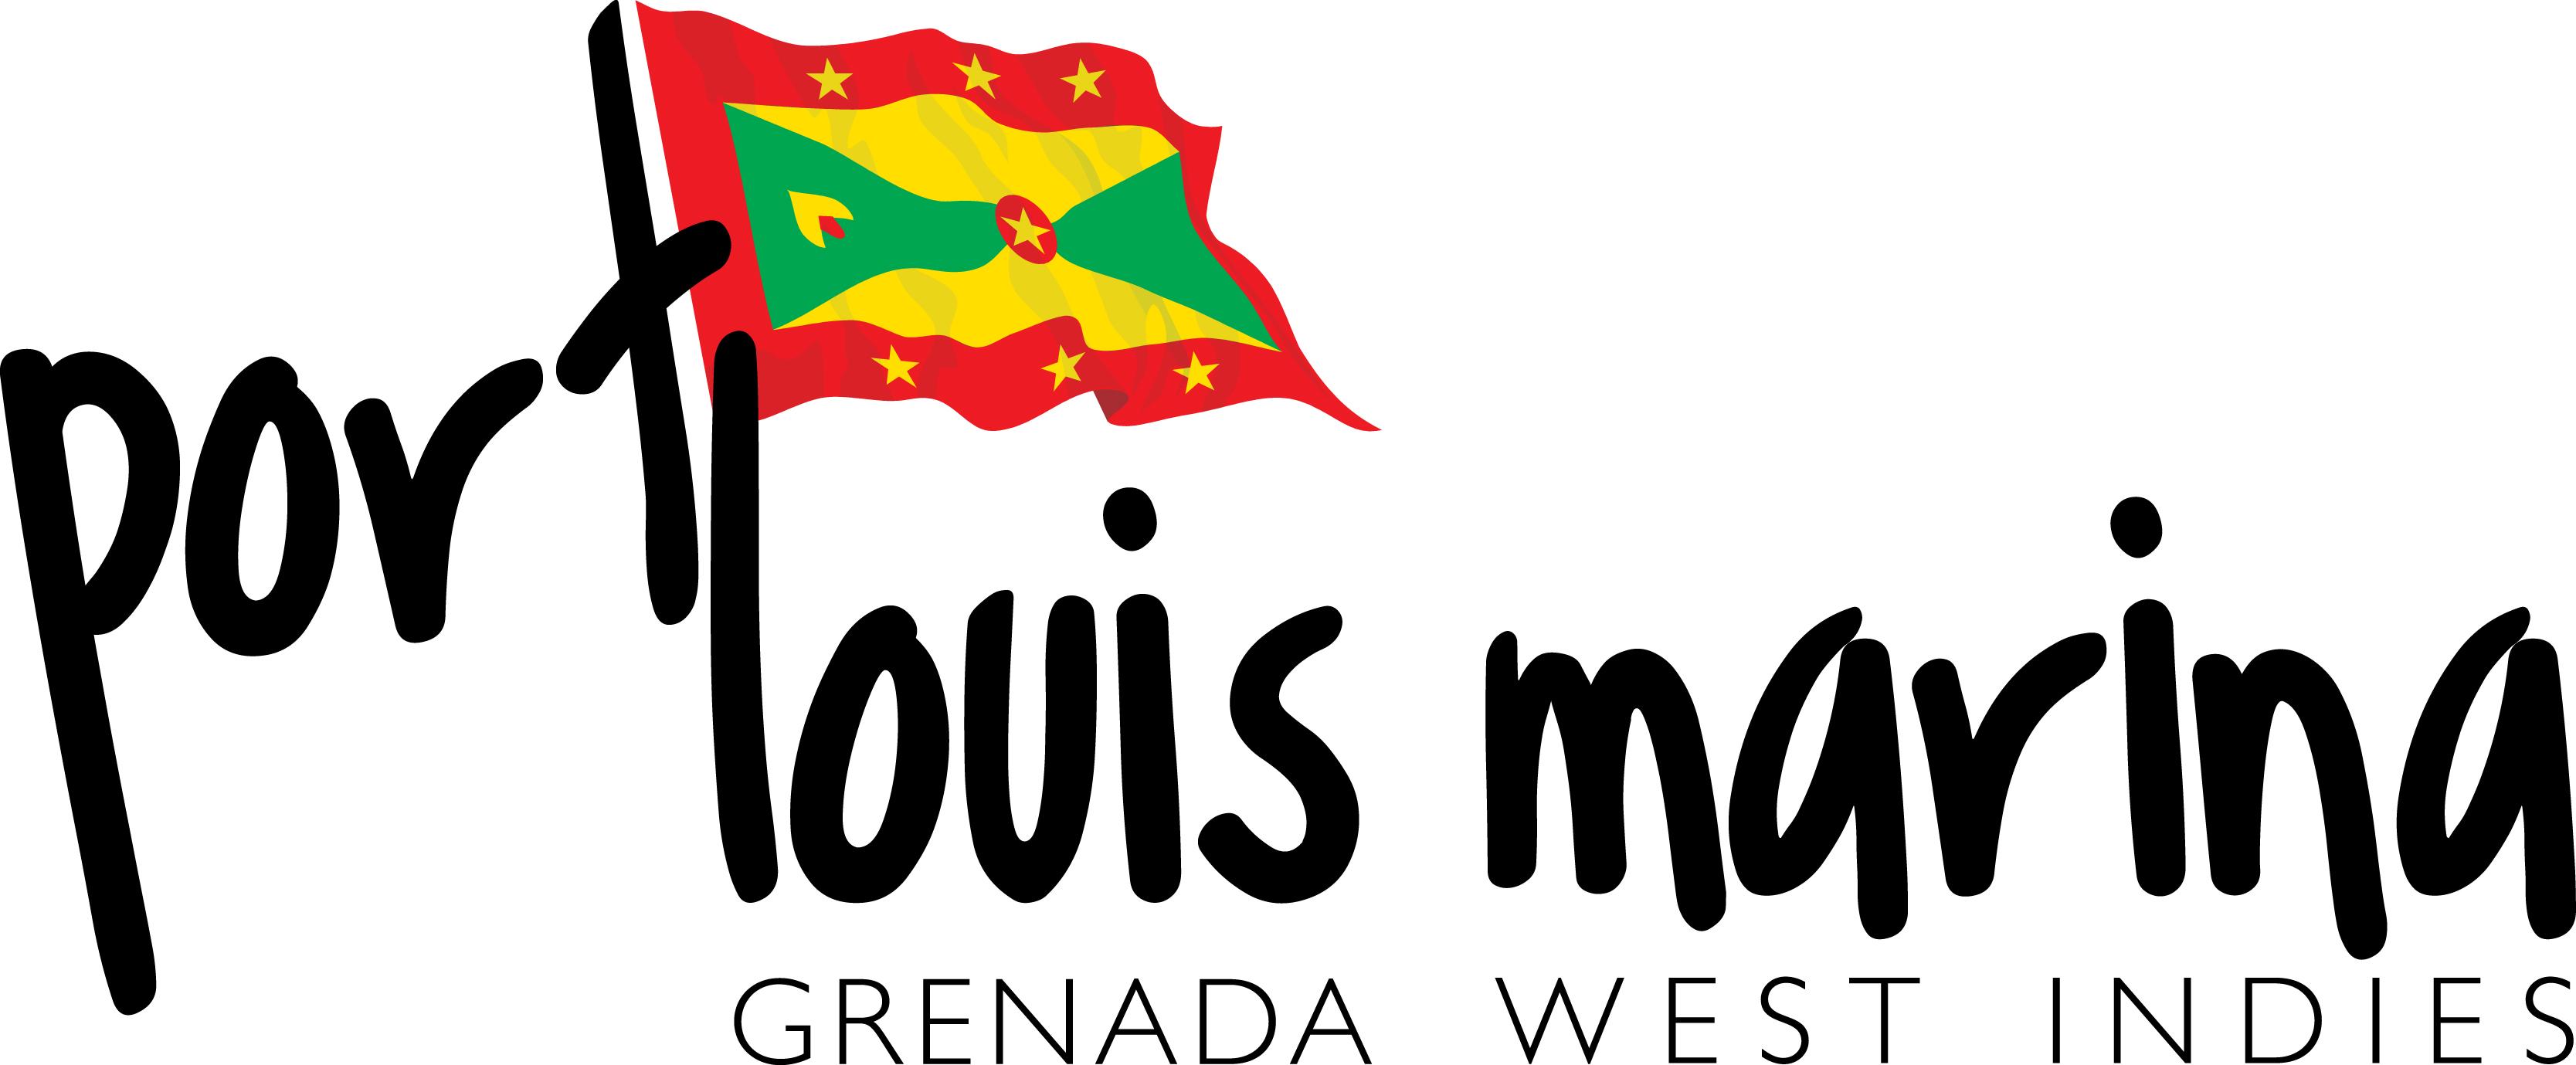 Port Louis Marina